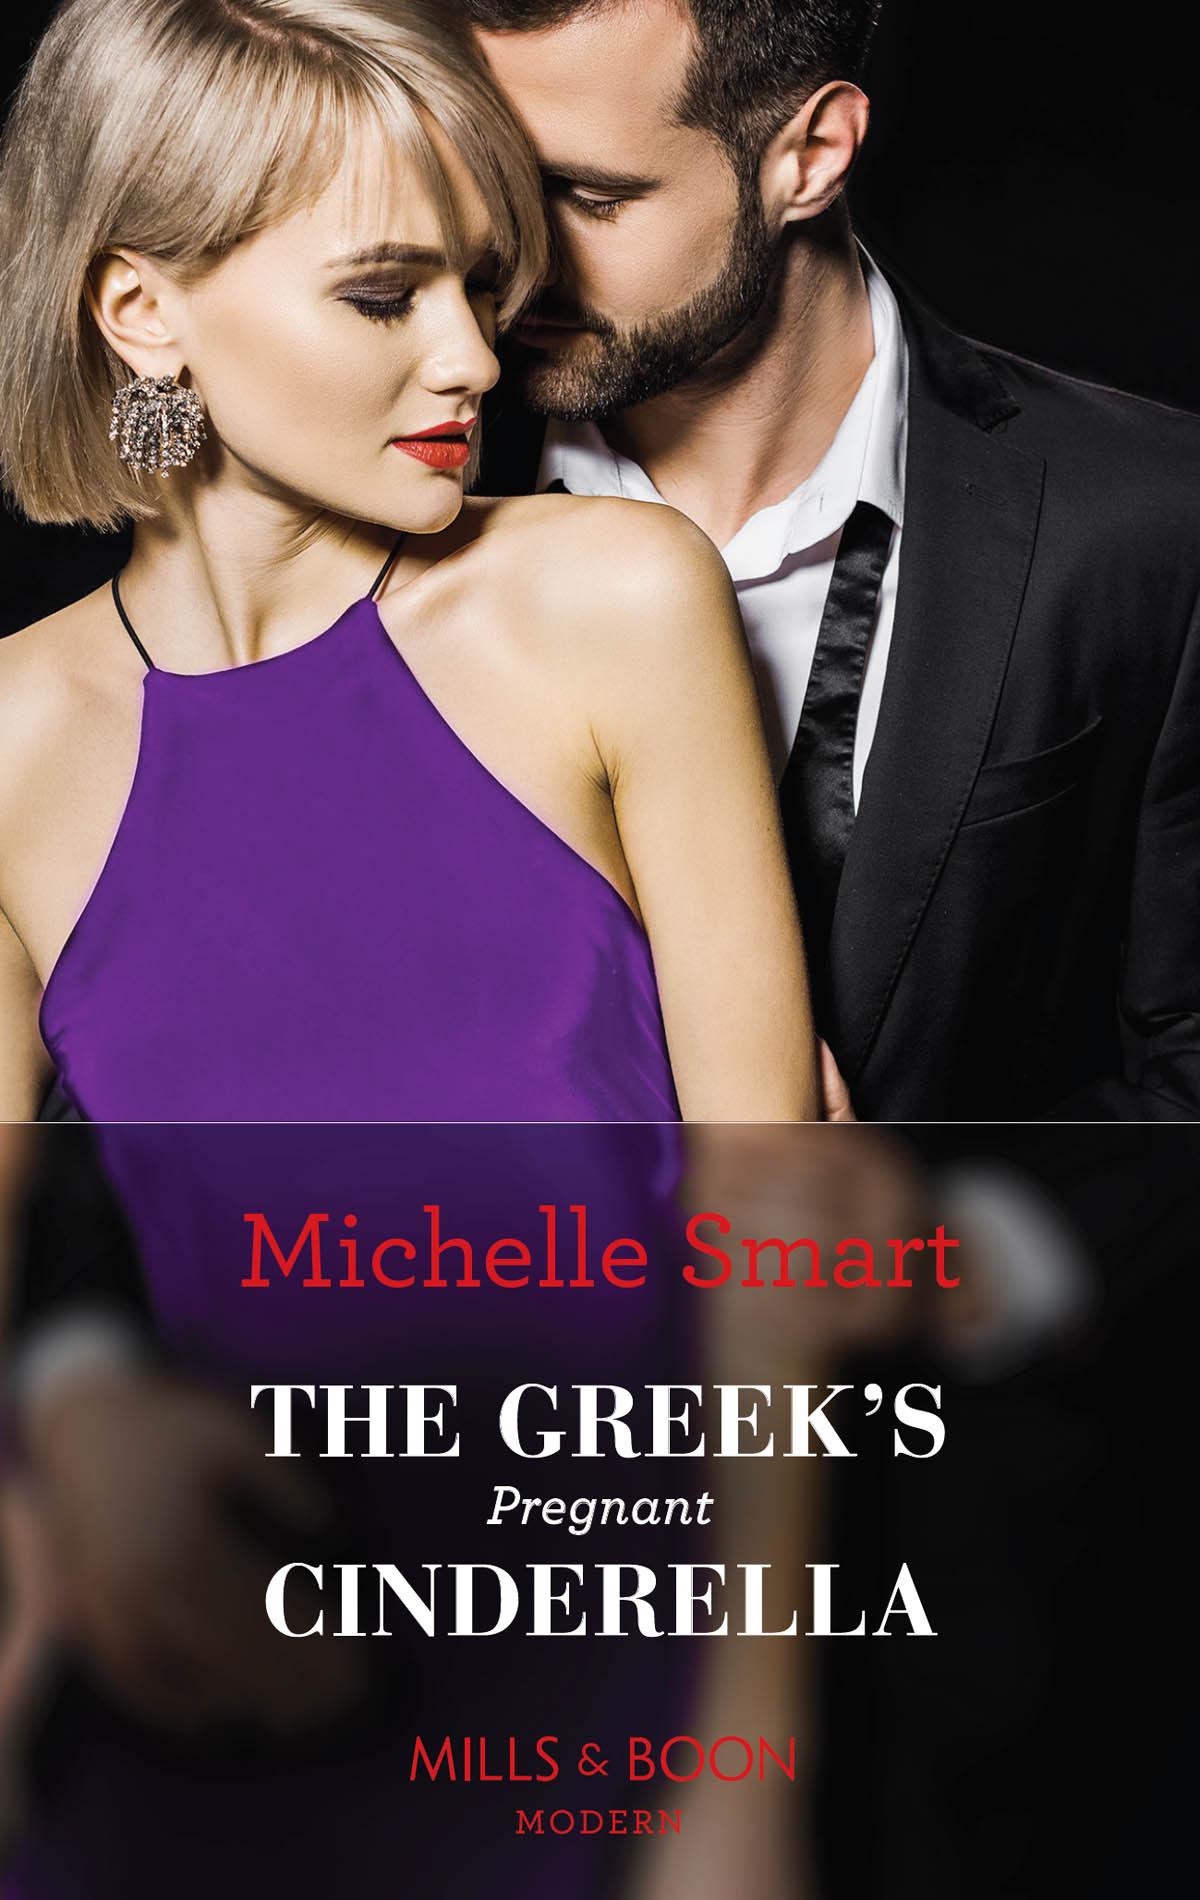 Michelle Smart The Greek's Pregnant Cinderella michelle smart a cinderella to secure his heir